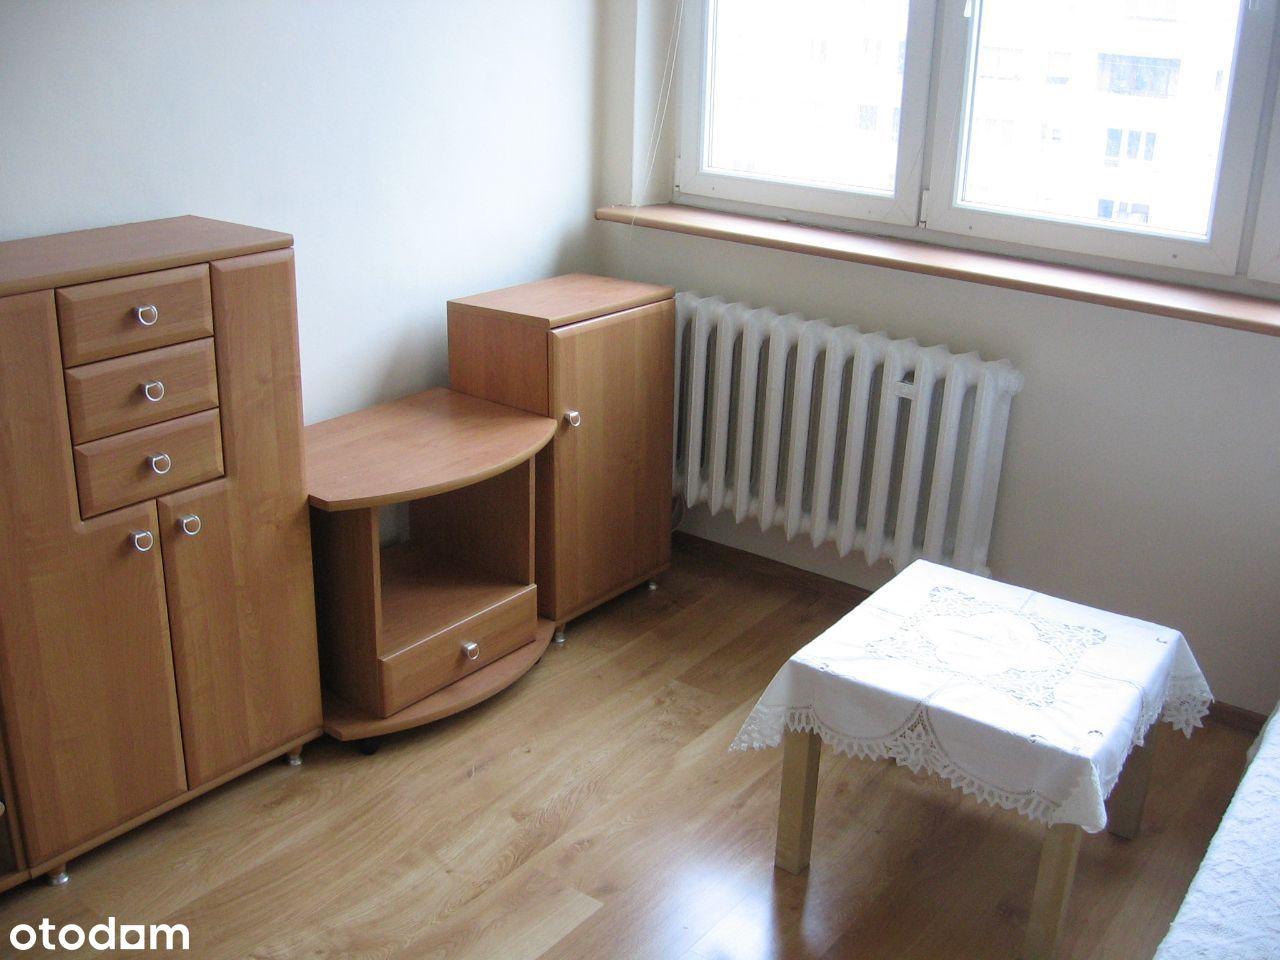 Mieszkanie dwupokojowe w Sosnowcu ul Ostrogórska